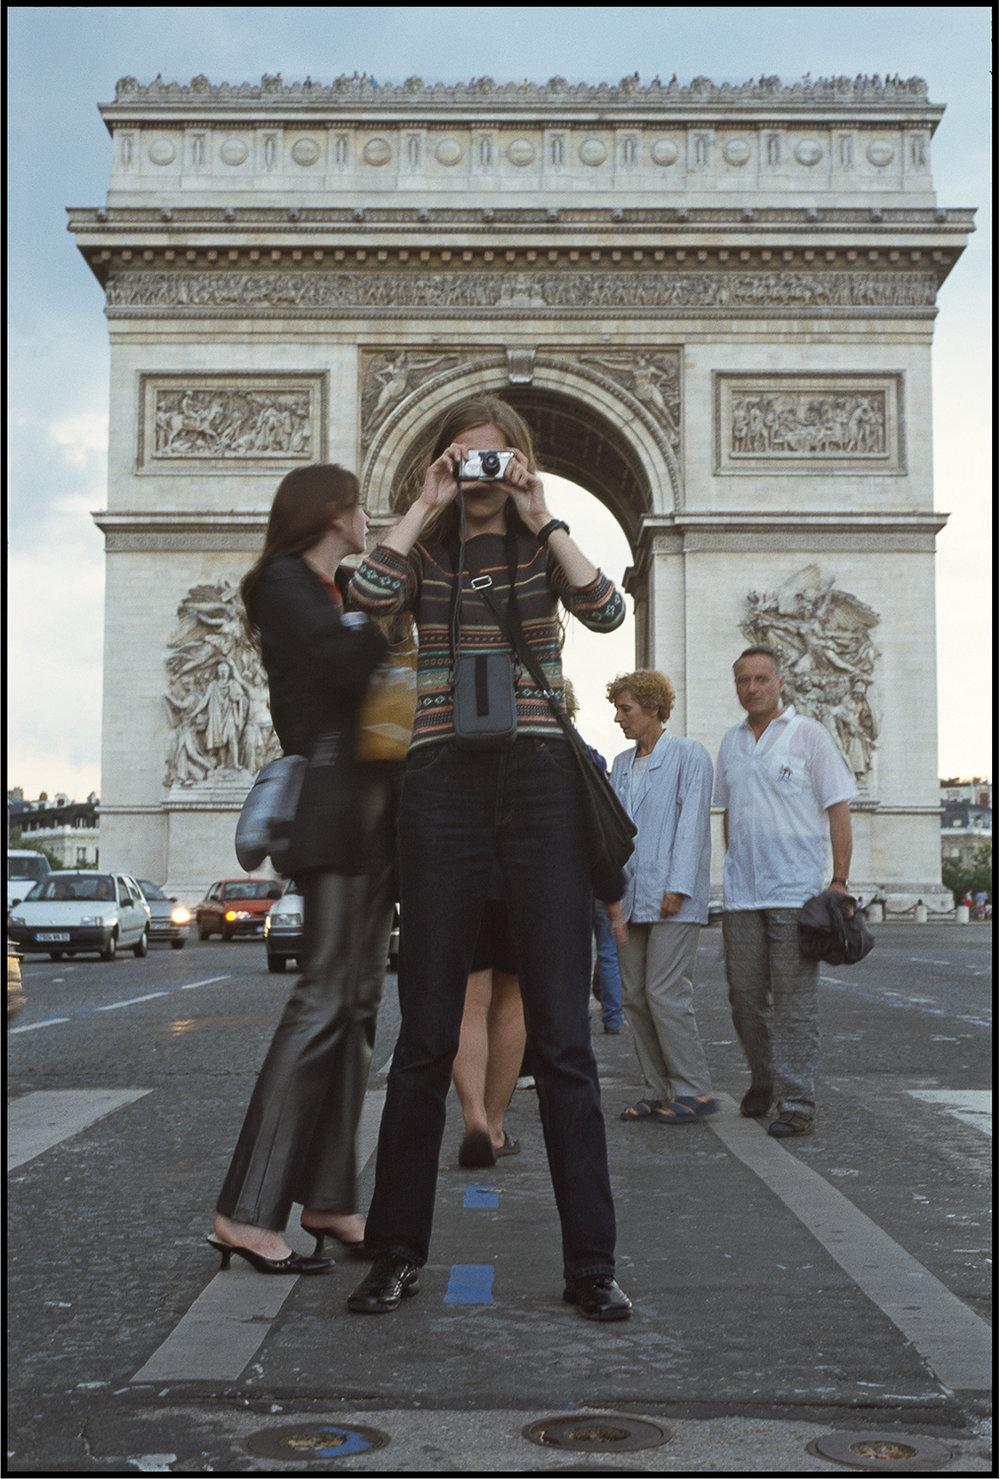 Paris. France, 2001.